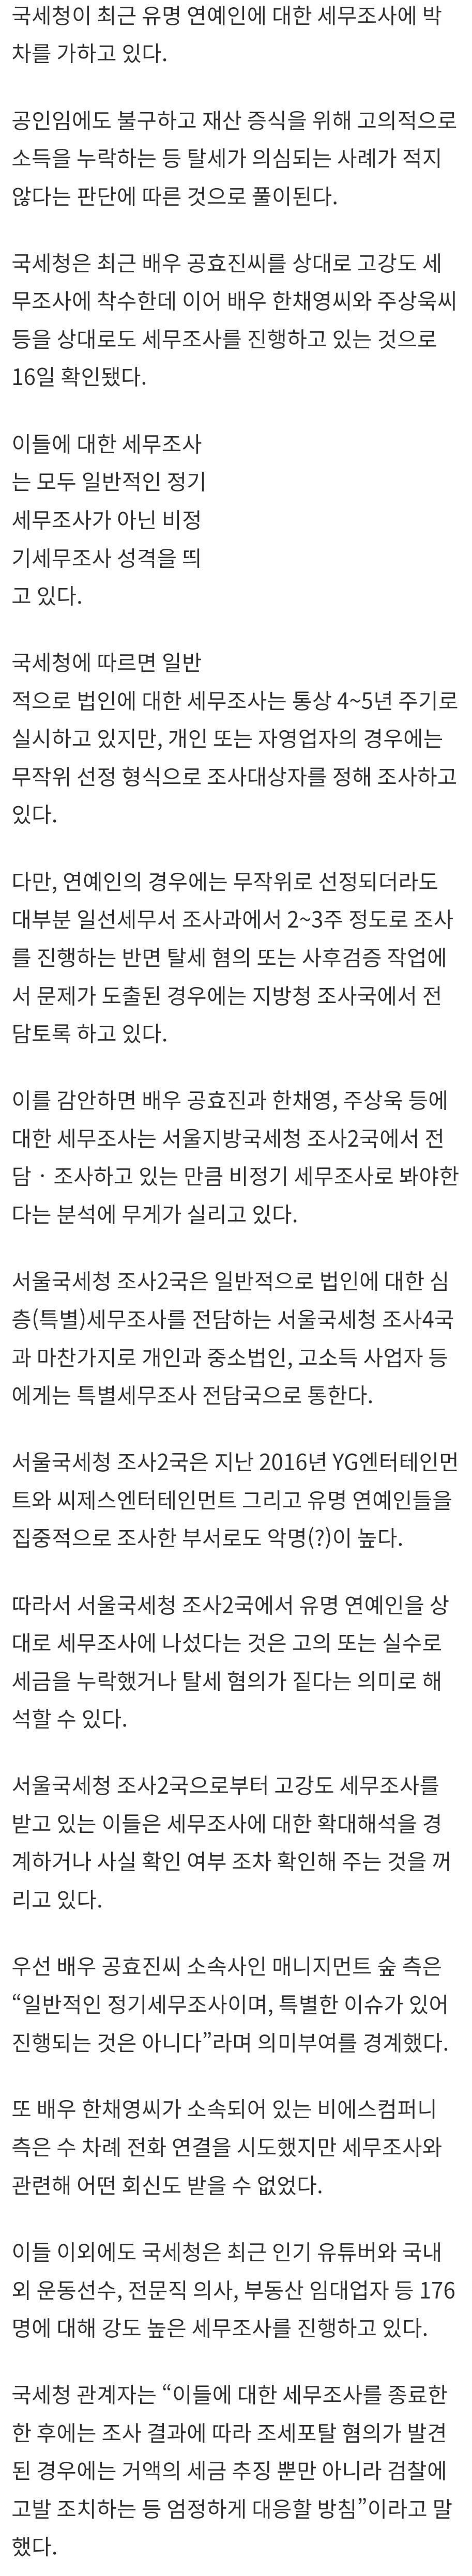 [단독] 국세청, '바비인형' 한채영ㆍ'핸섬가이' 주상욱도 세무조사   인스티즈